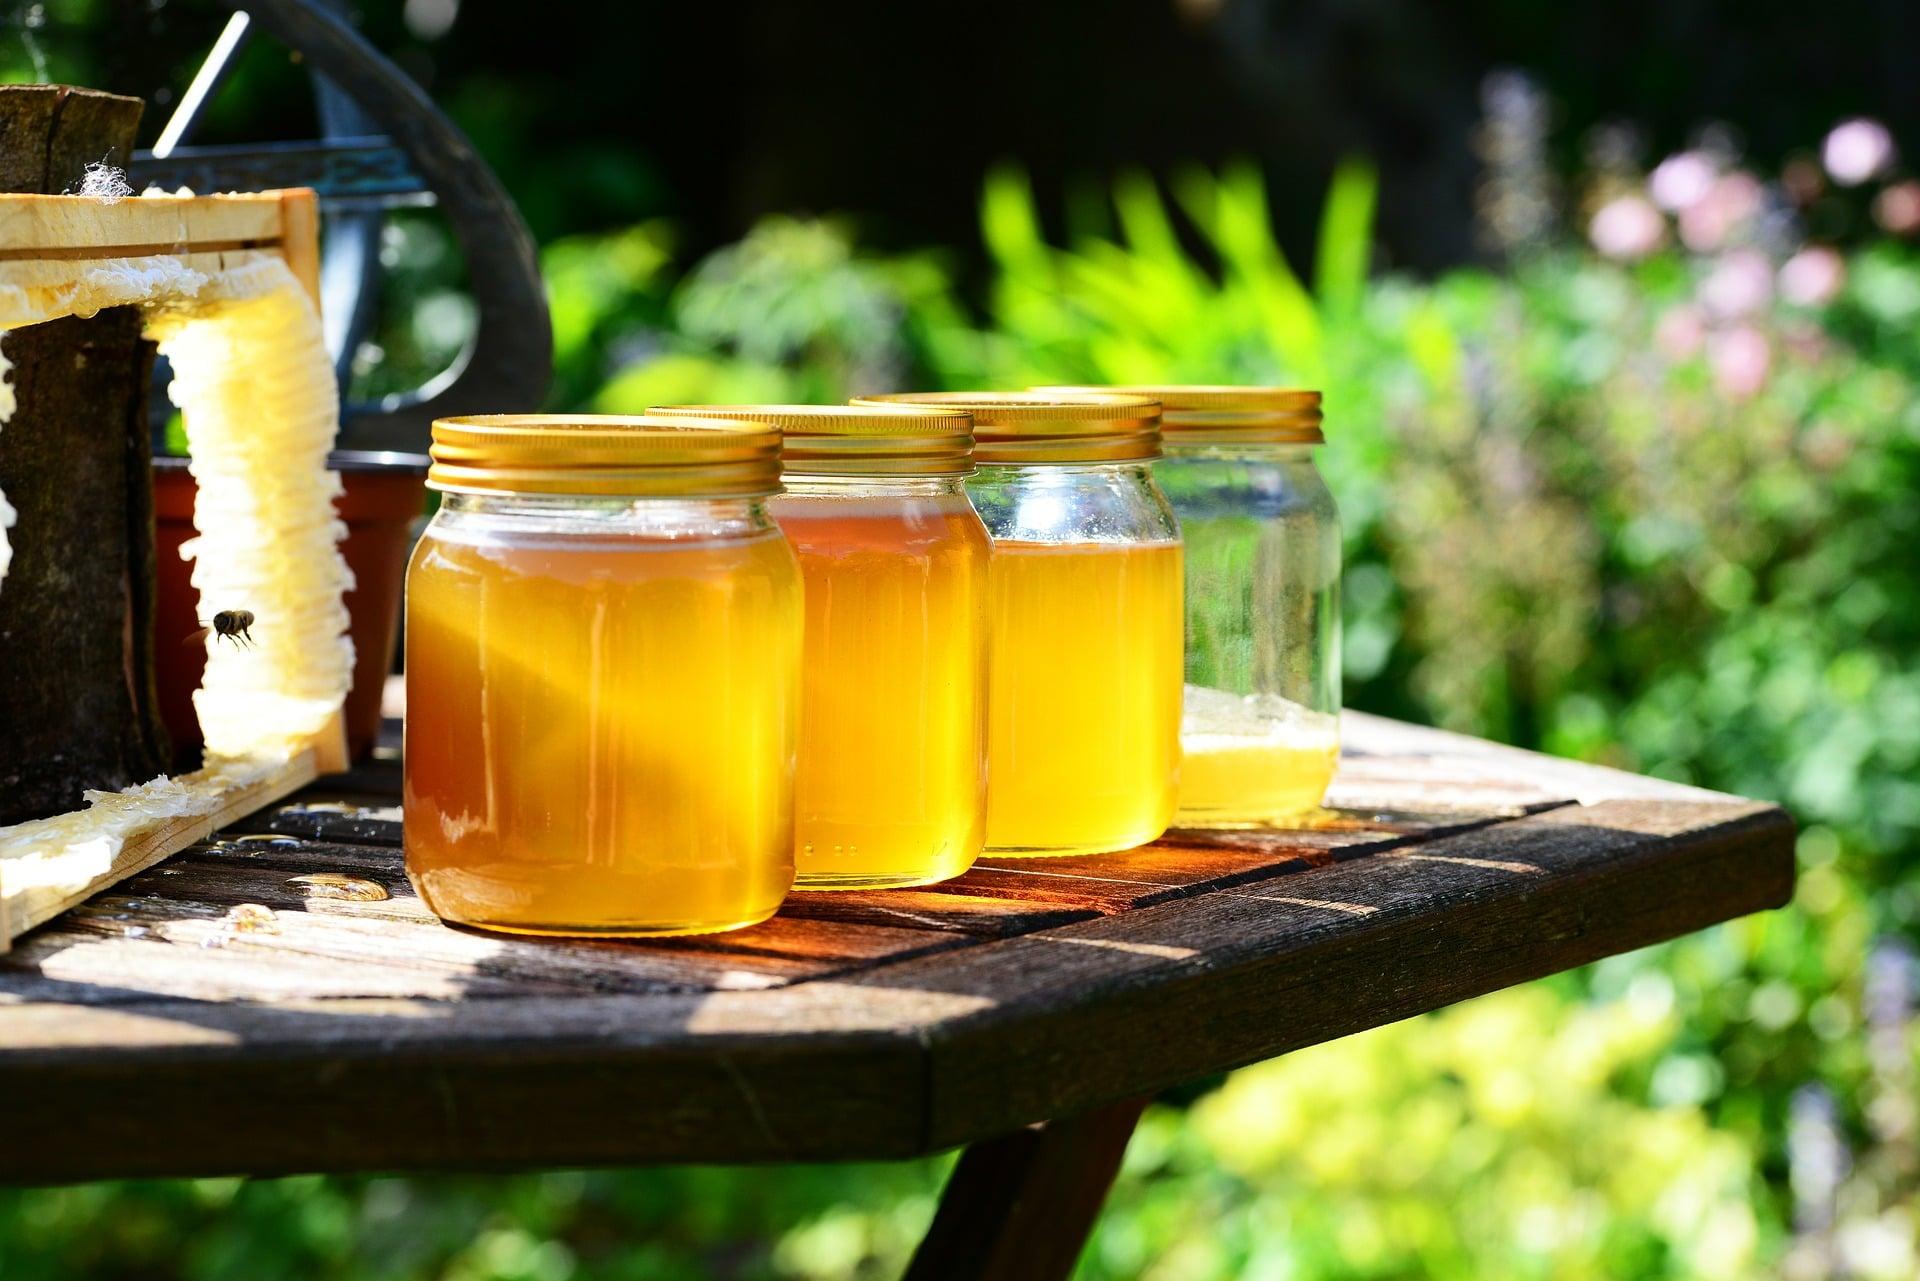 miel recién recolectada